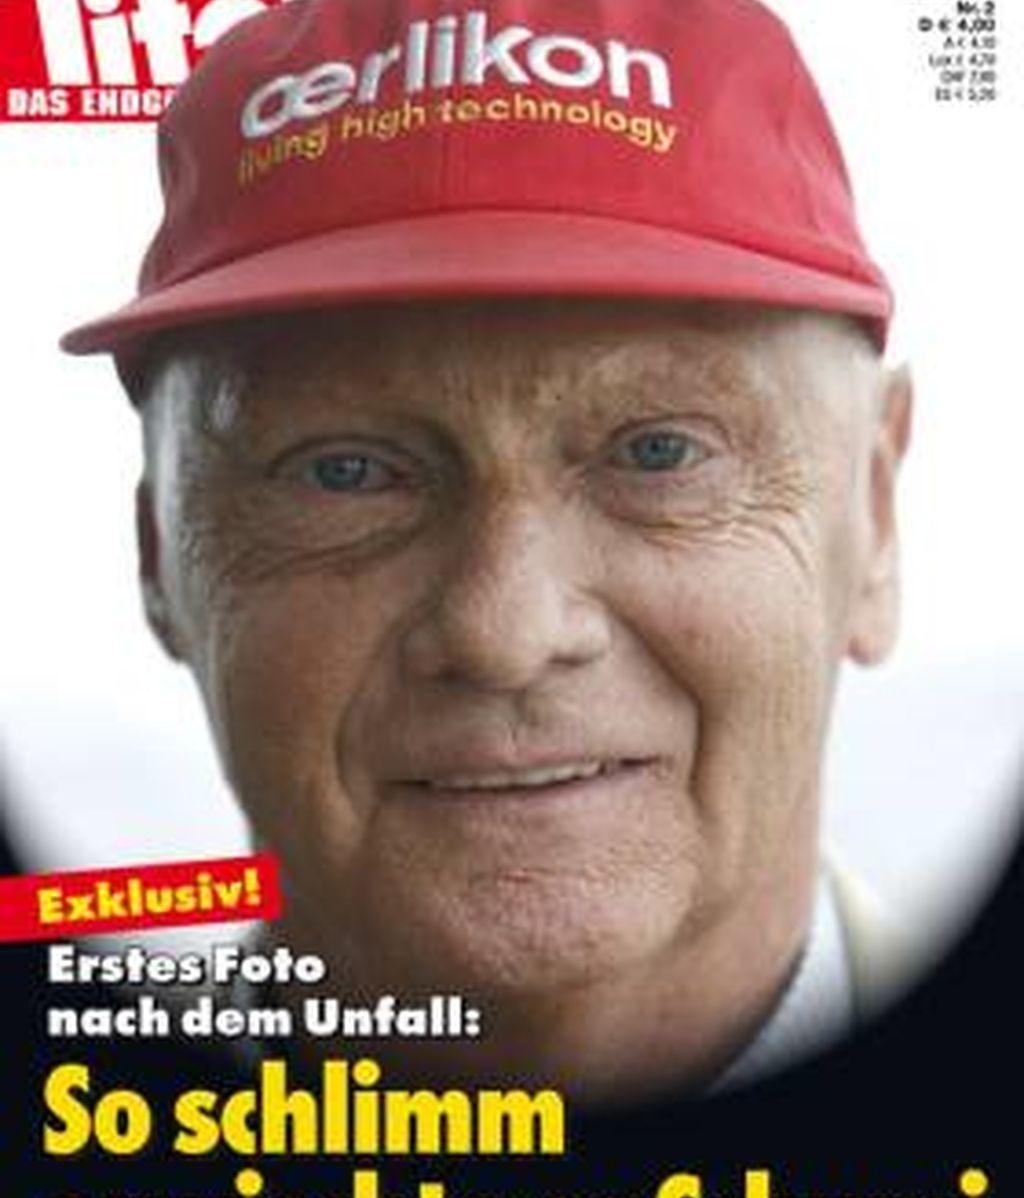 La revista alemana Titanic bromea con el estado de salud de Schumacher